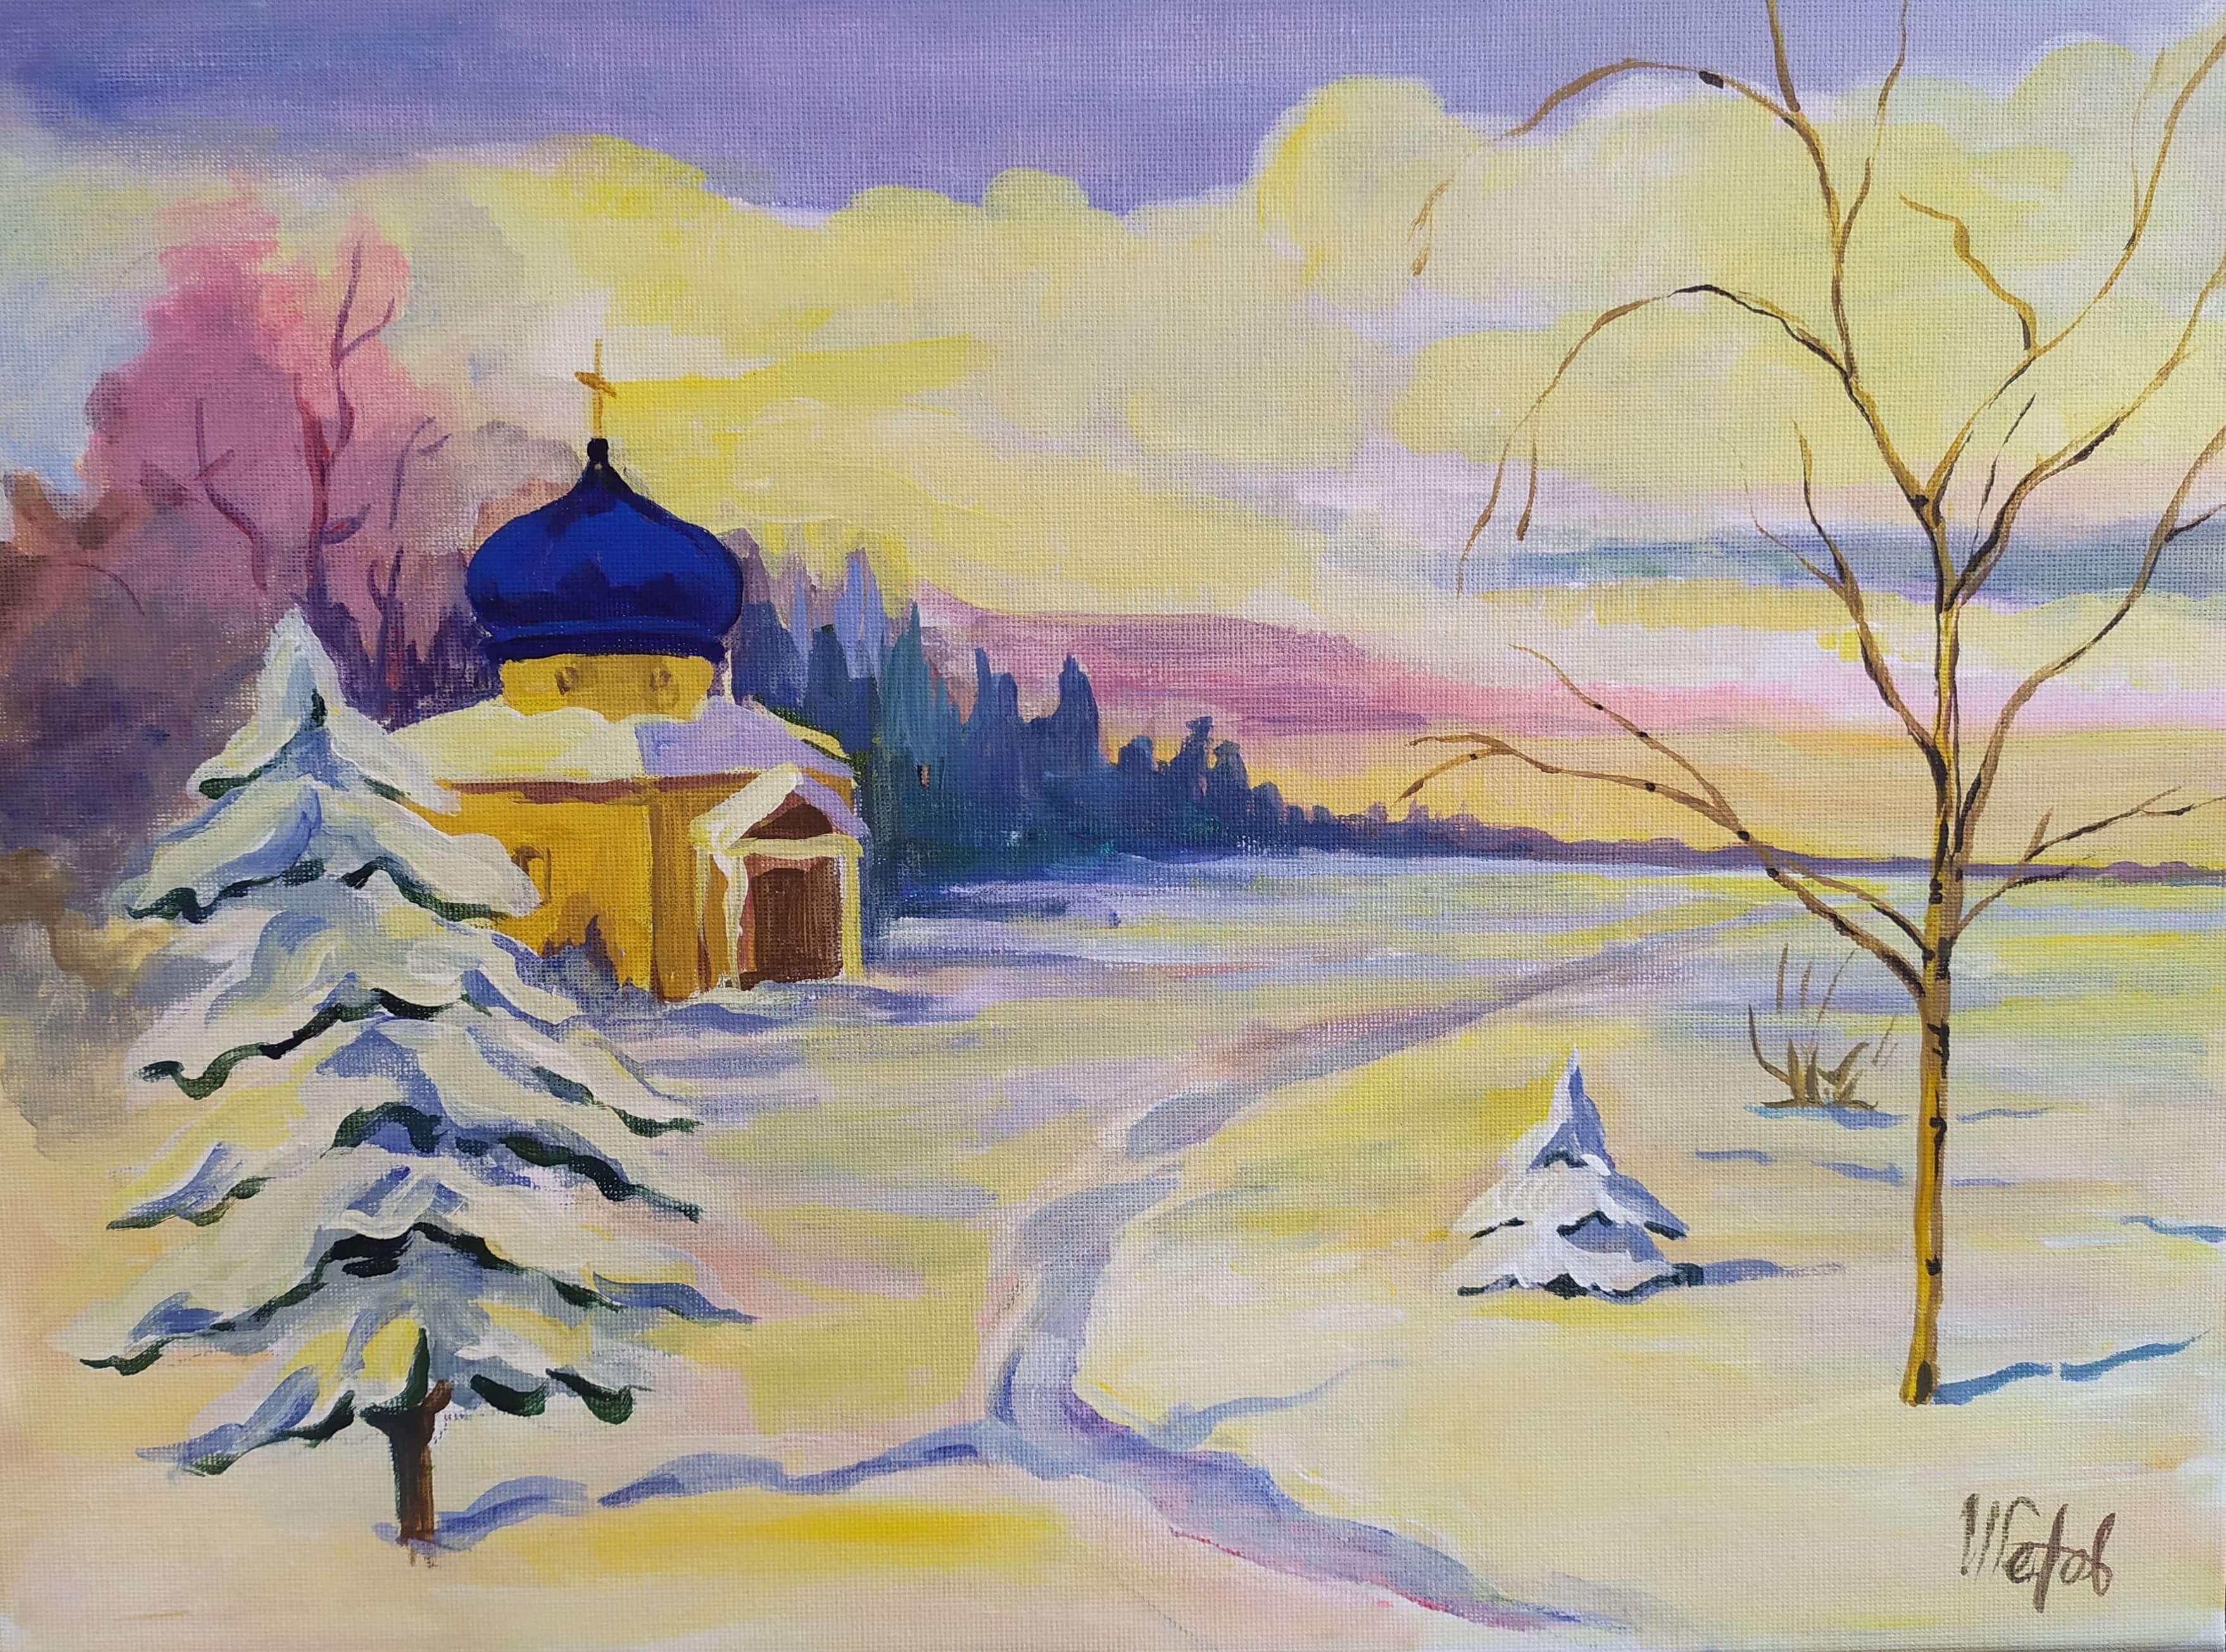 """Коледа с чаша вино и рисуване с акрил  """"Зимен пейзаж"""" Олга Александровна  17.12.2020 г."""